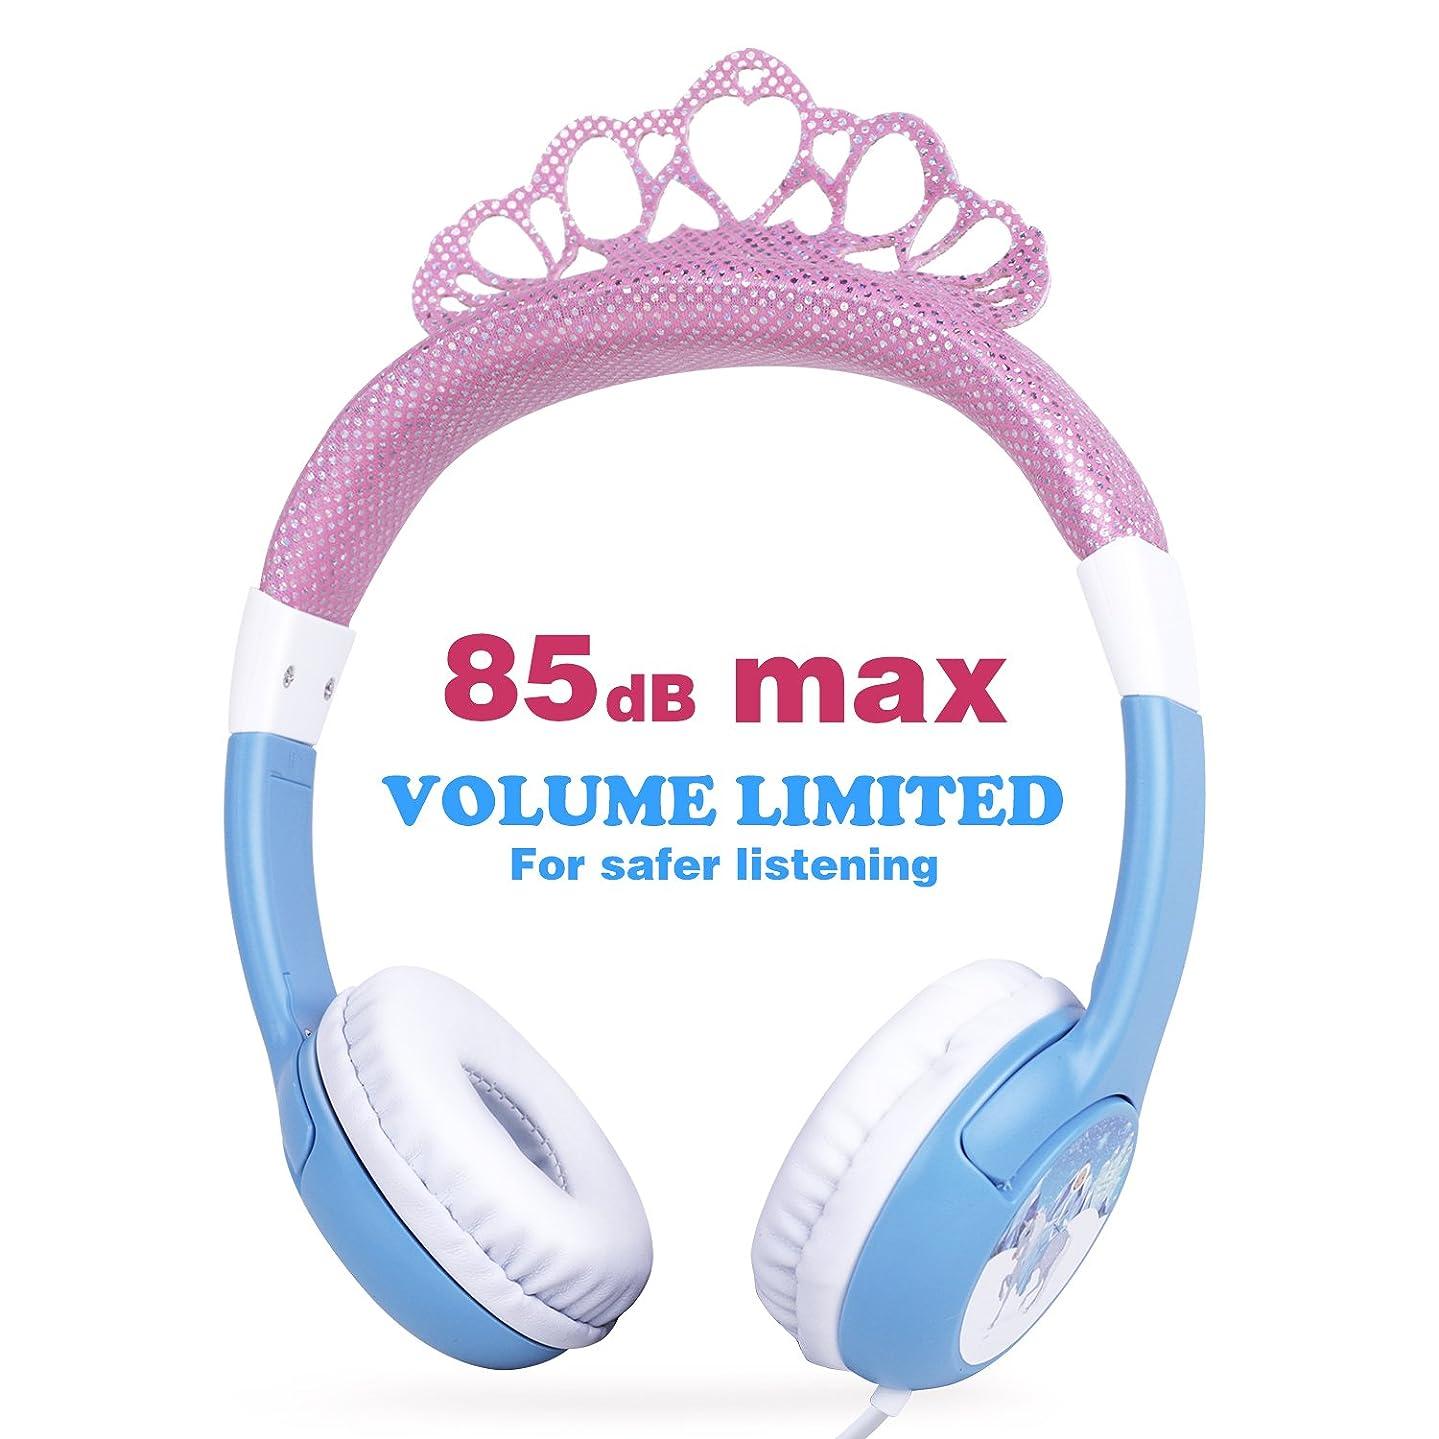 休眠再びラダ子供用ヘッドホン キッズヘッドホン 音量リミット制御 85DB 密閉型 耐久性あり 自動巻取式コード3.5mm 可愛い プレゼント最適 (ピンク)